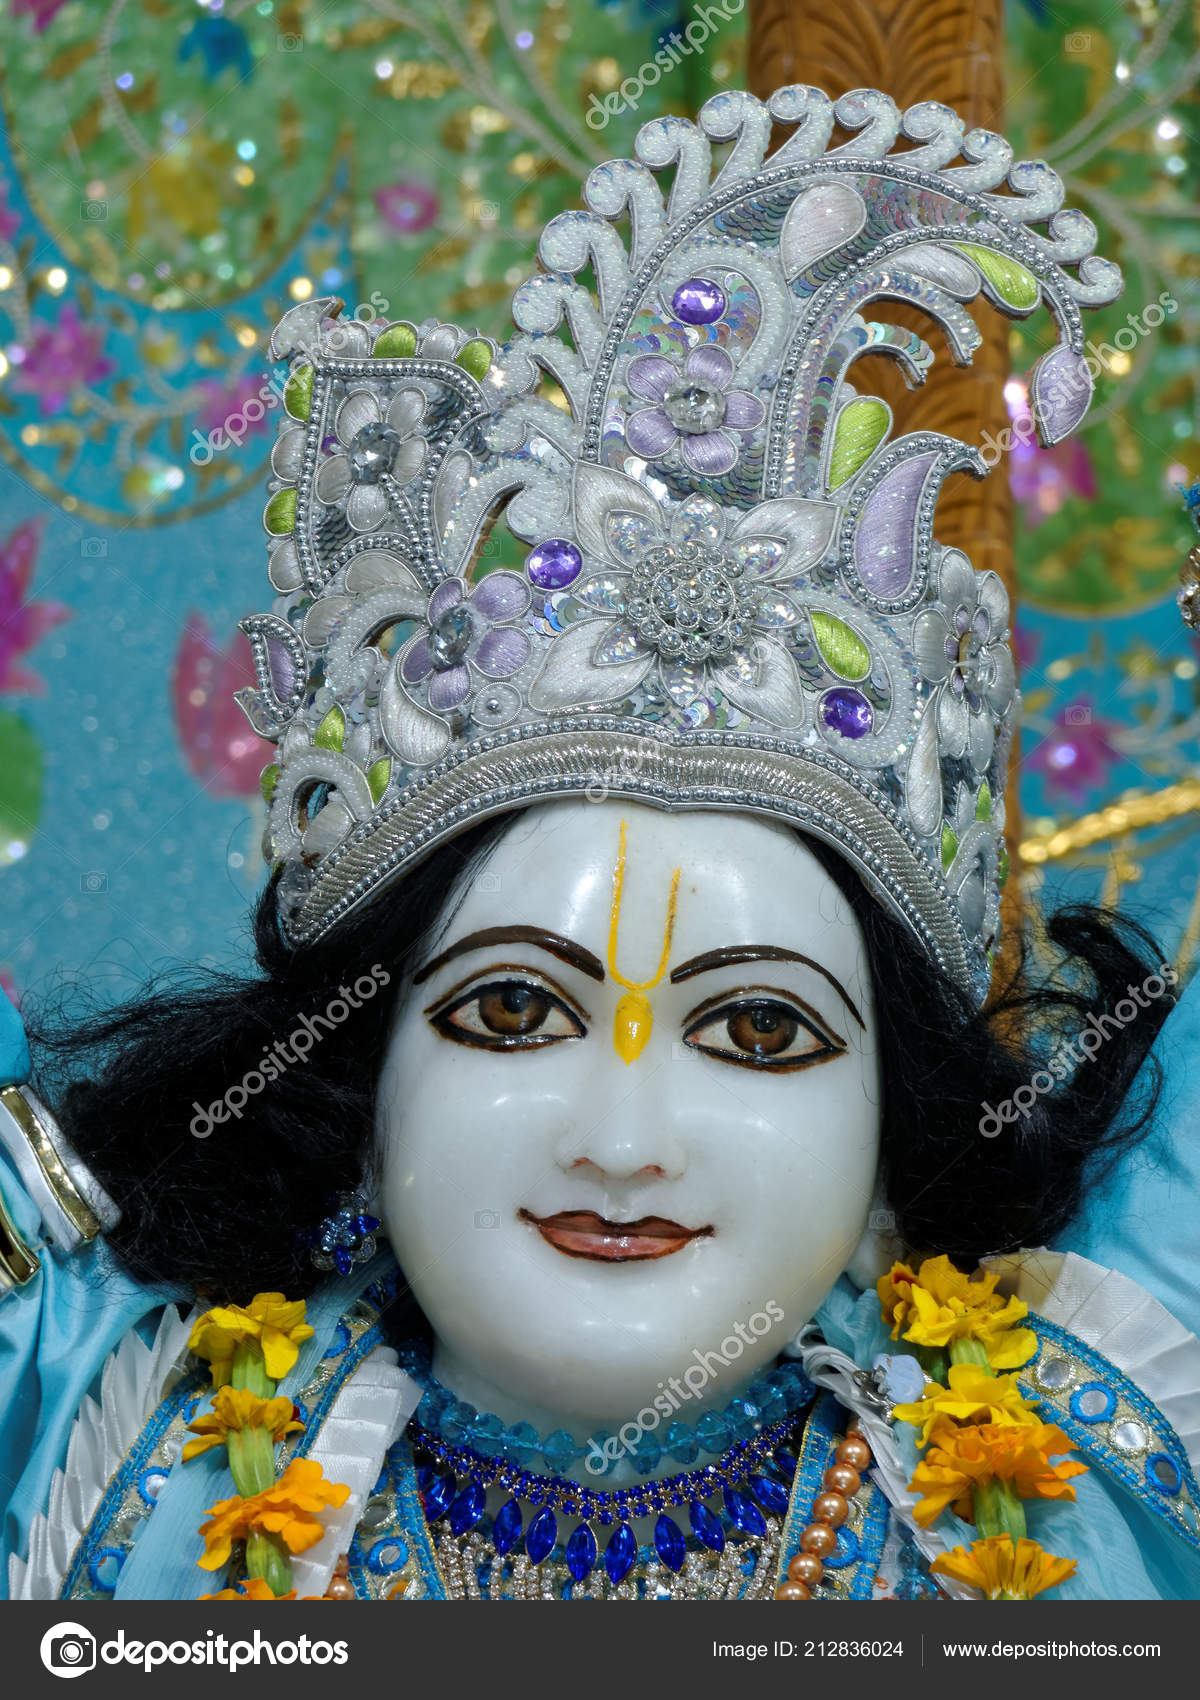 paris august main altar hare krishna temple called iskcon radha